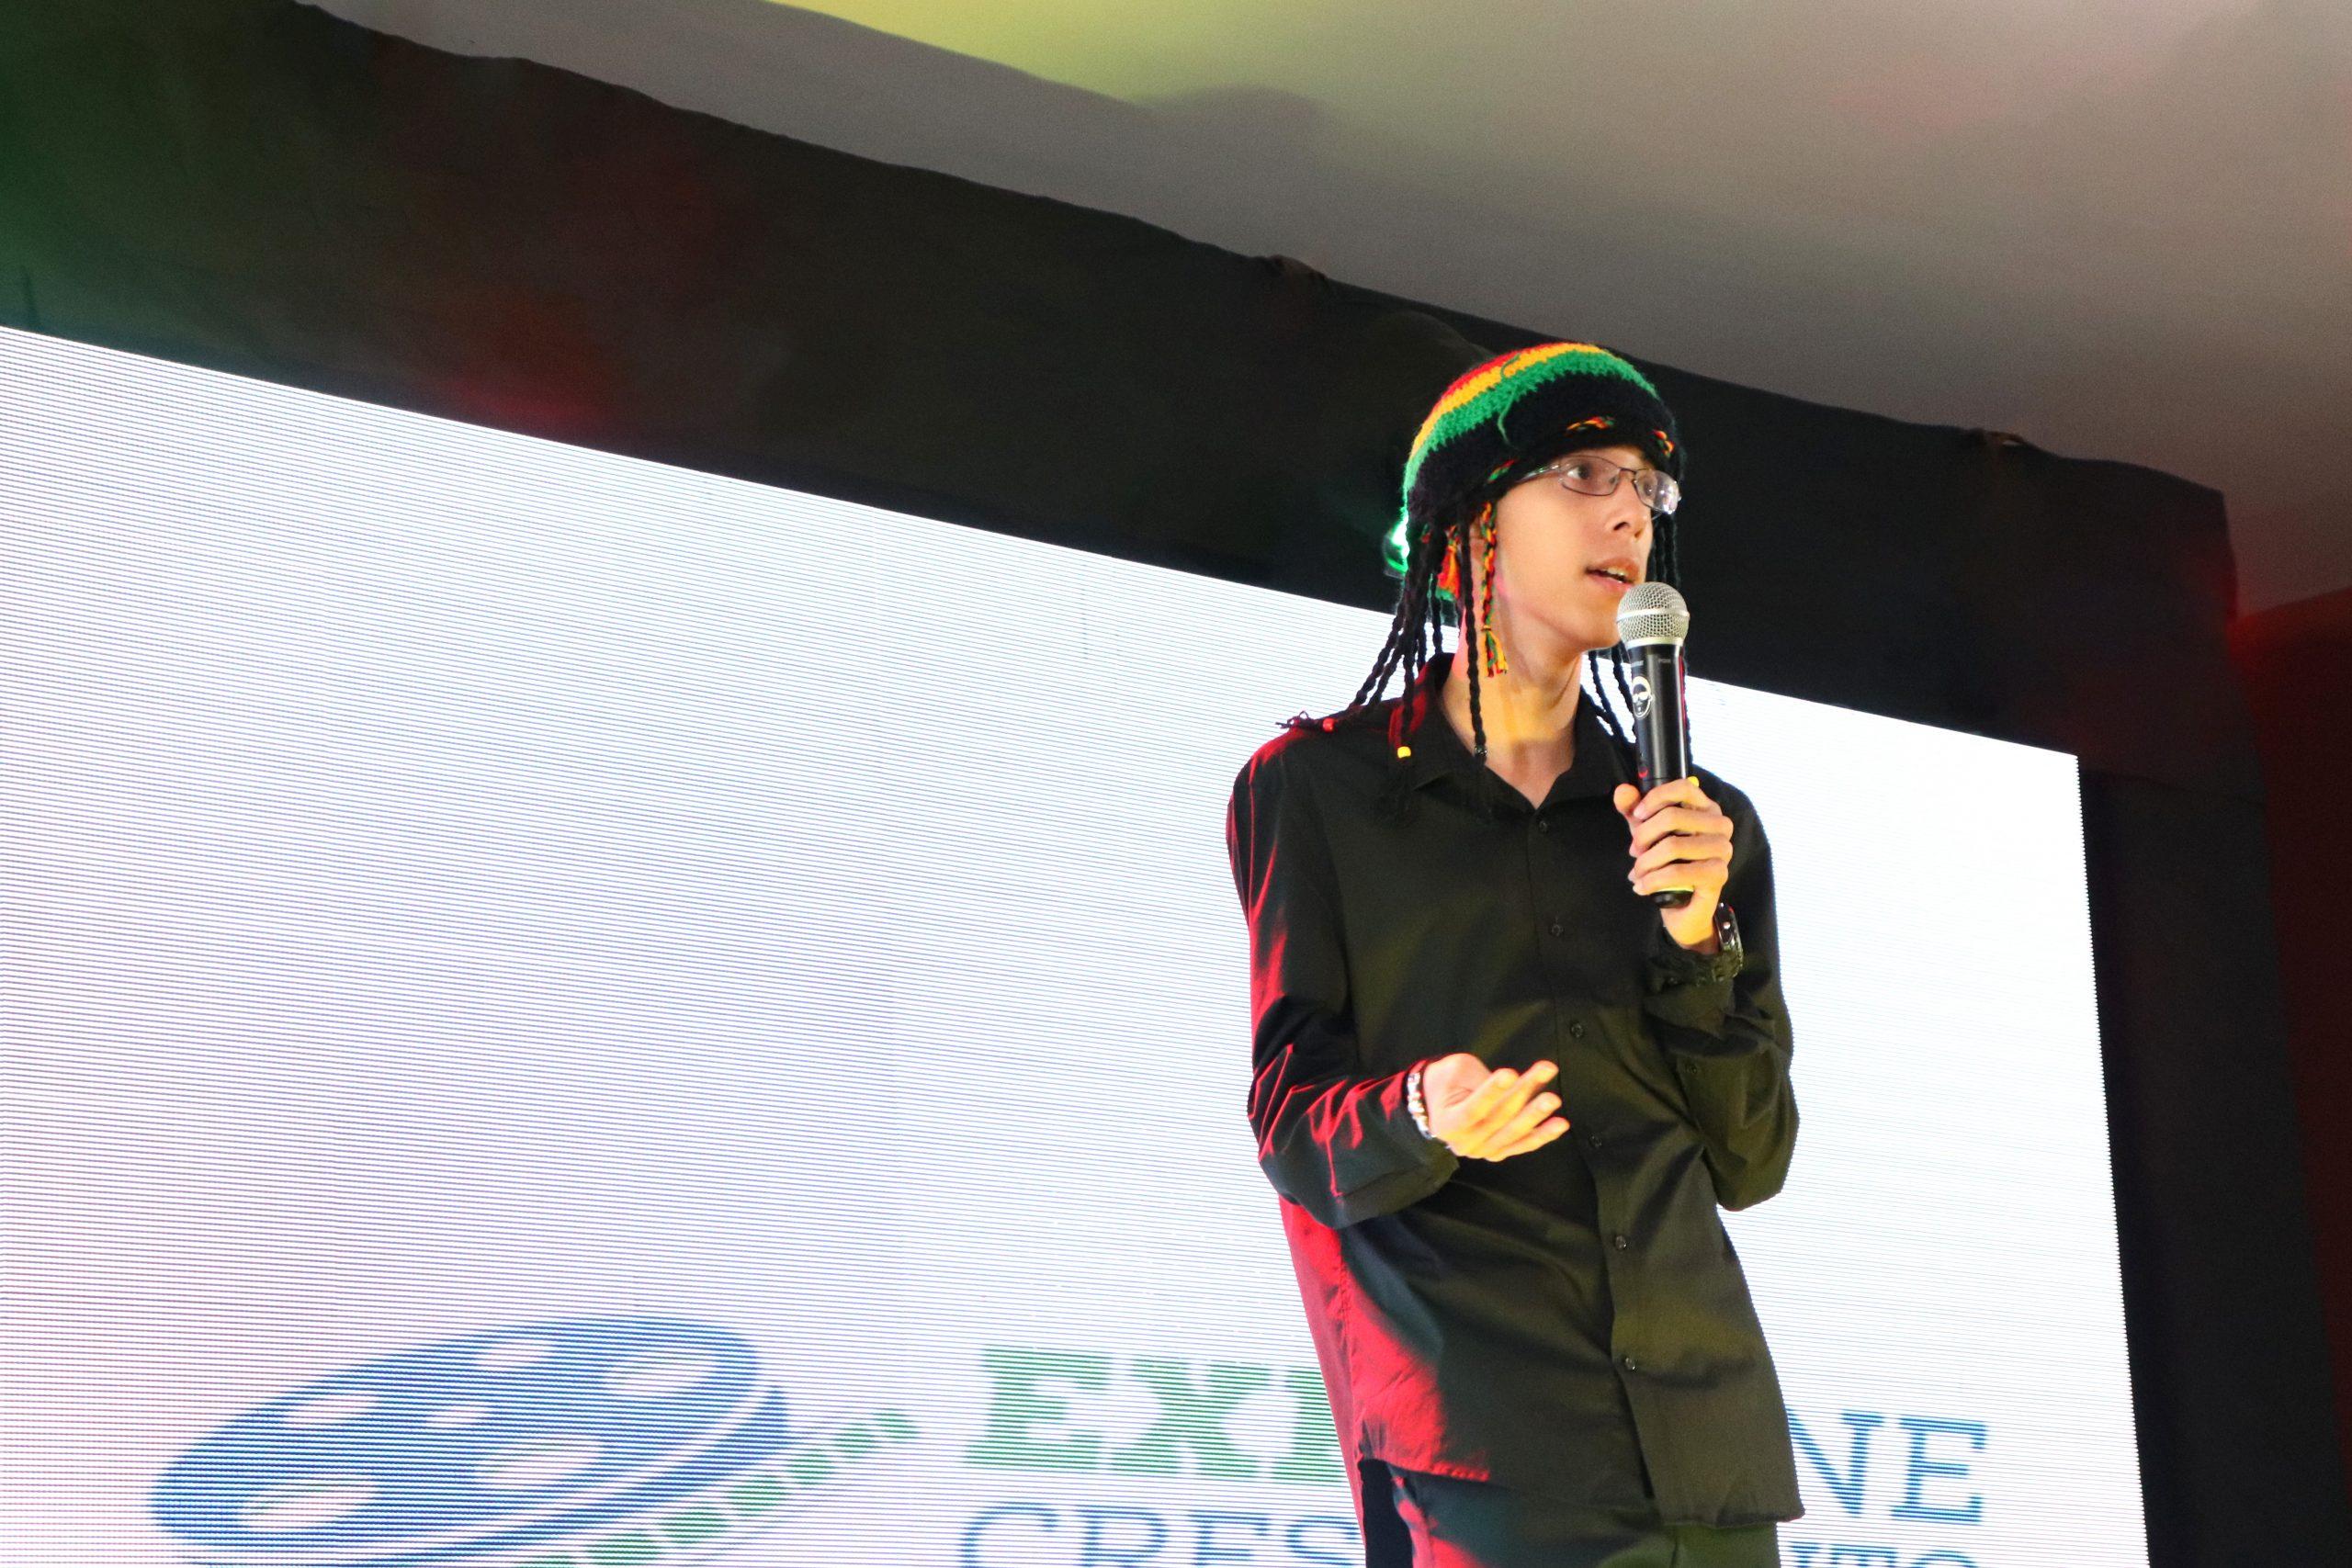 apresentação-do-projeto-inovador-expocine-na-escola-de-ed-infantil-no-maranhão